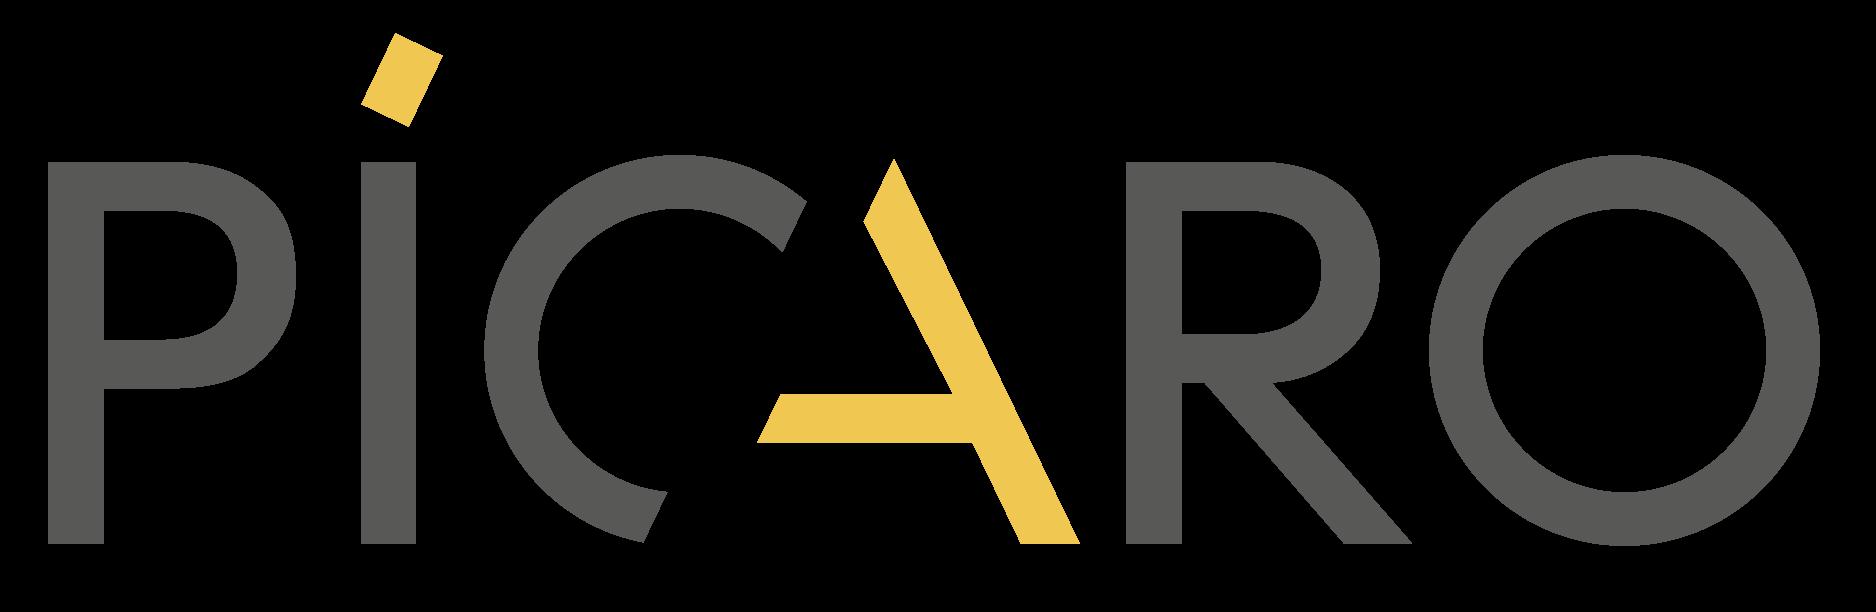 Picaro Design Logo